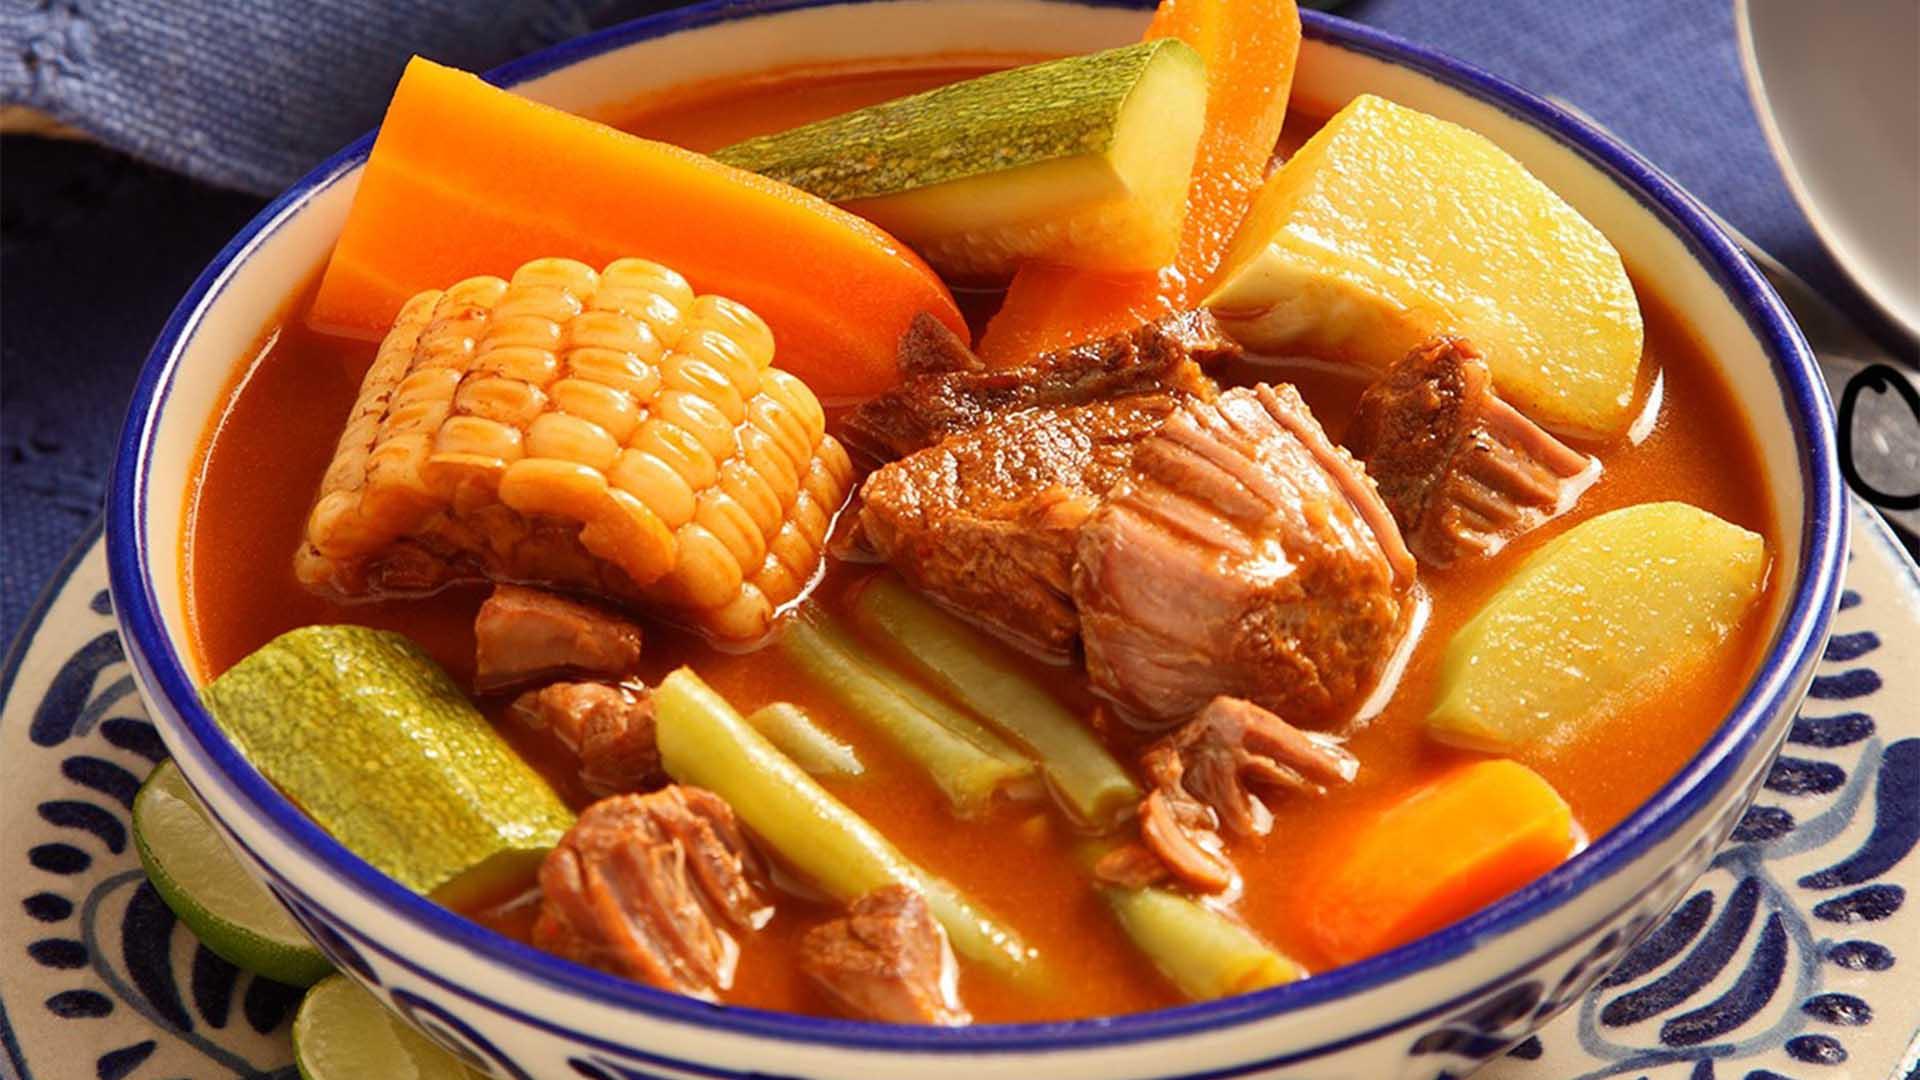 Comida mexicana mole